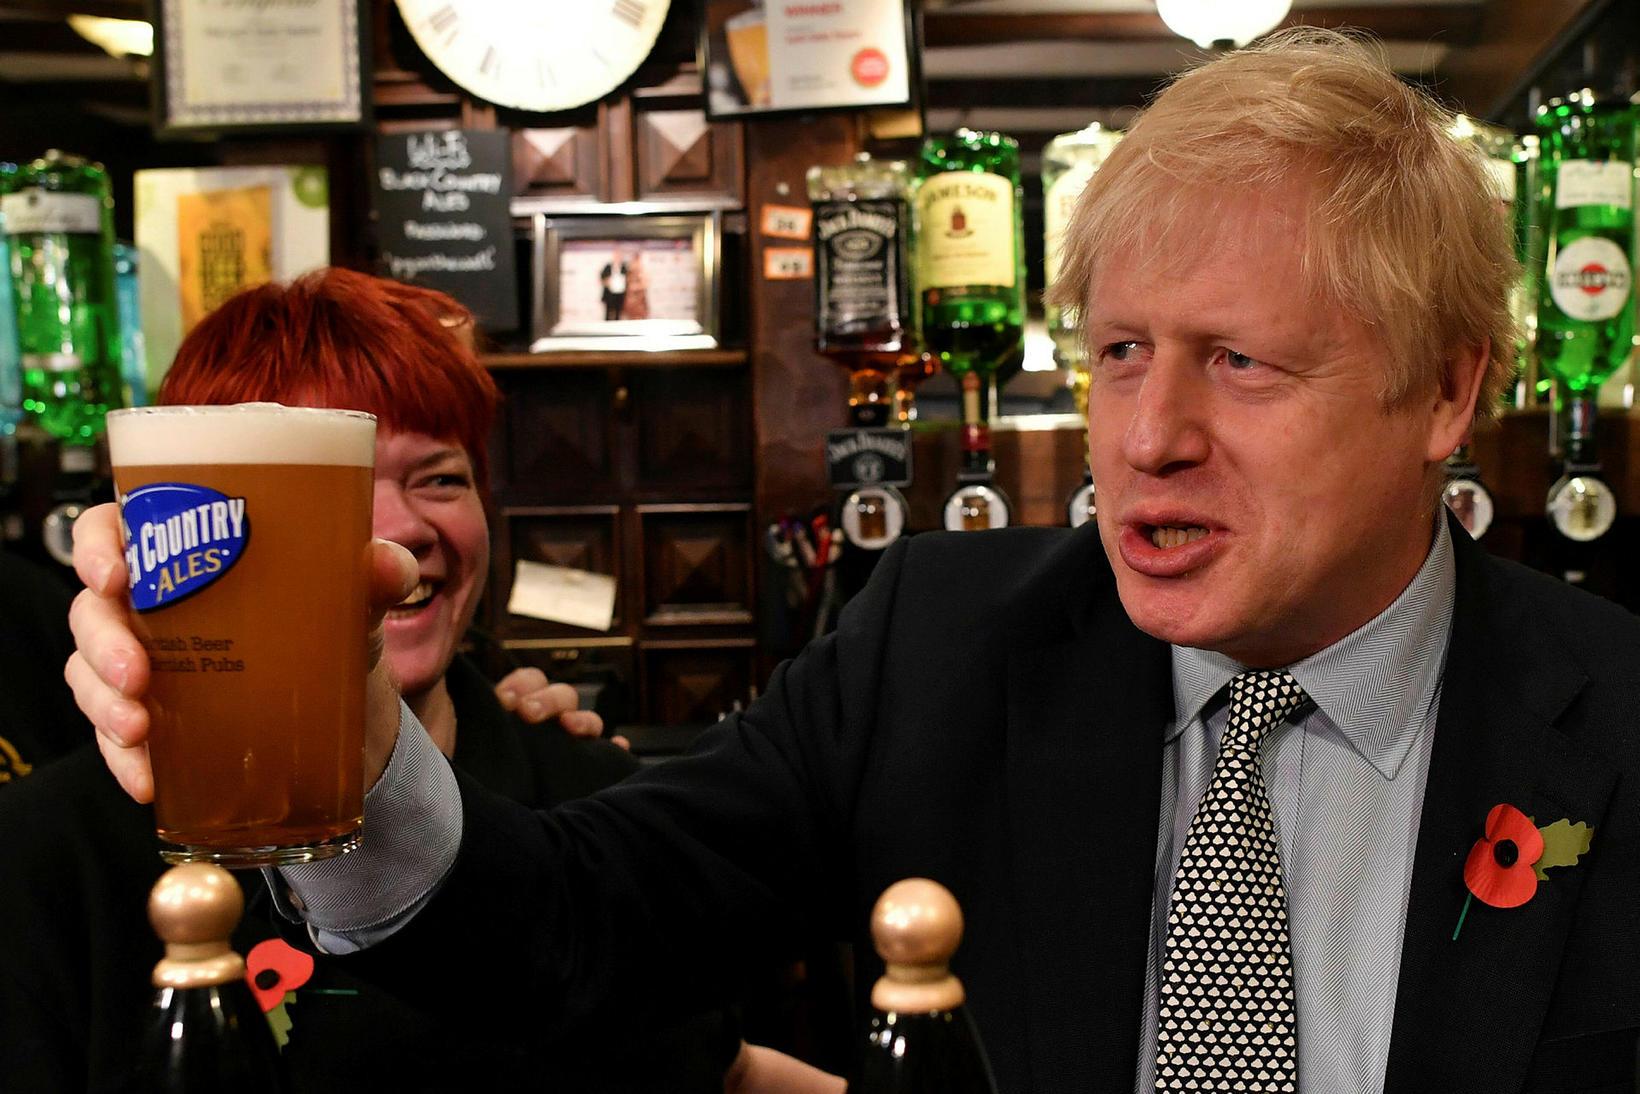 Boris Johnson, forsætisráðherra Bretlands, fékk sé kollu af öli í …